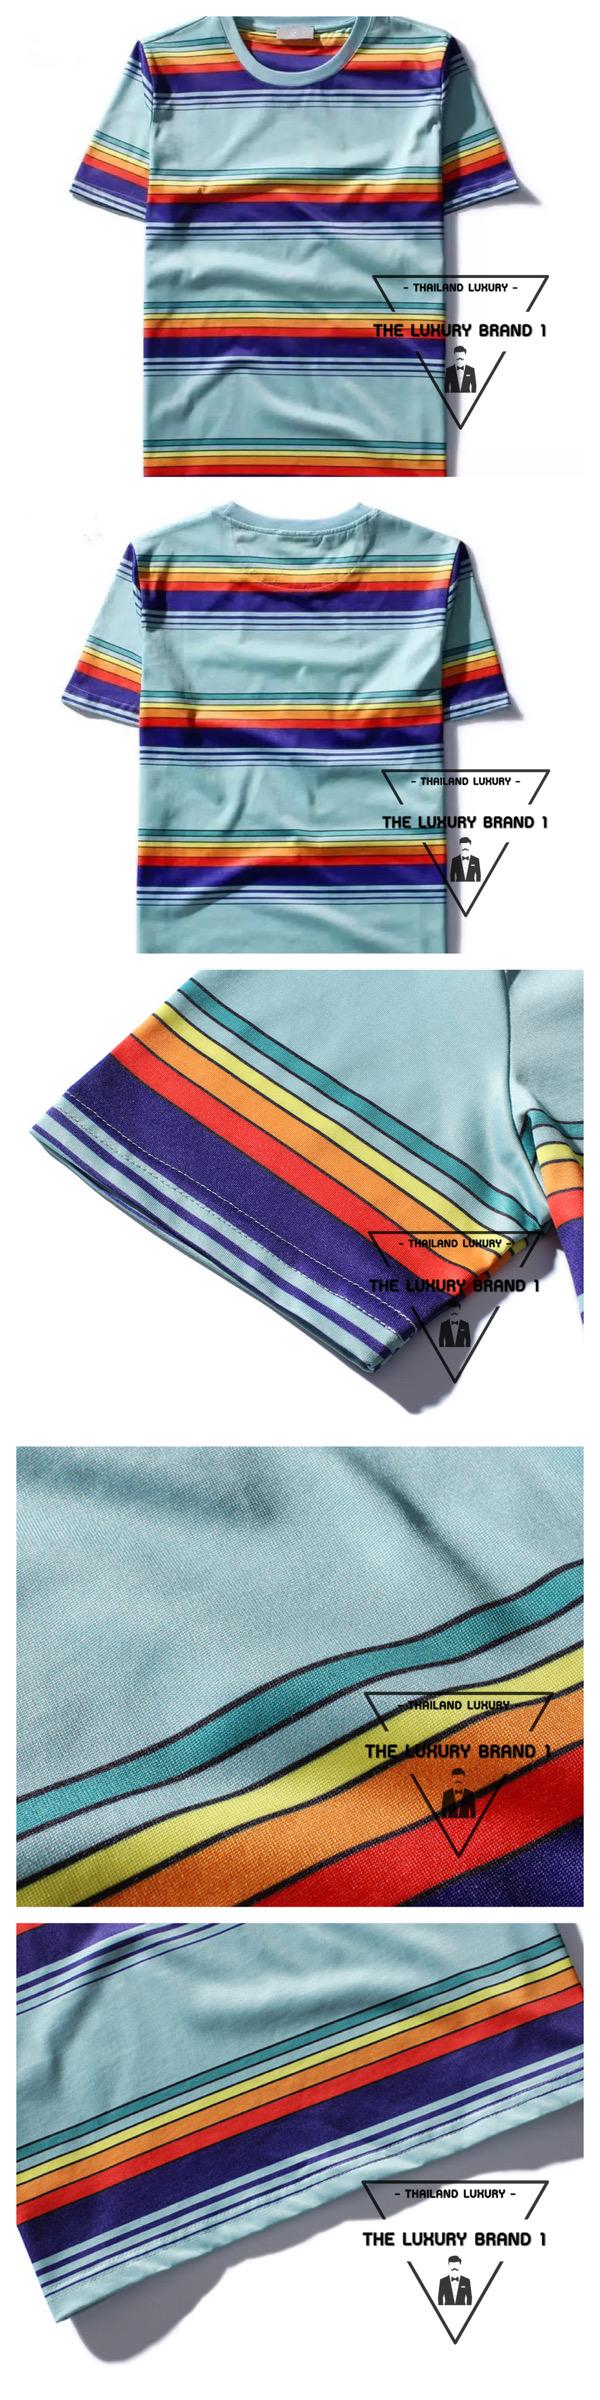 เสื้อยืด Saint Laurent Striped Crew Neck T Shirt.แฟชั่น GD เสื้อยืดแบบ G-Dragon